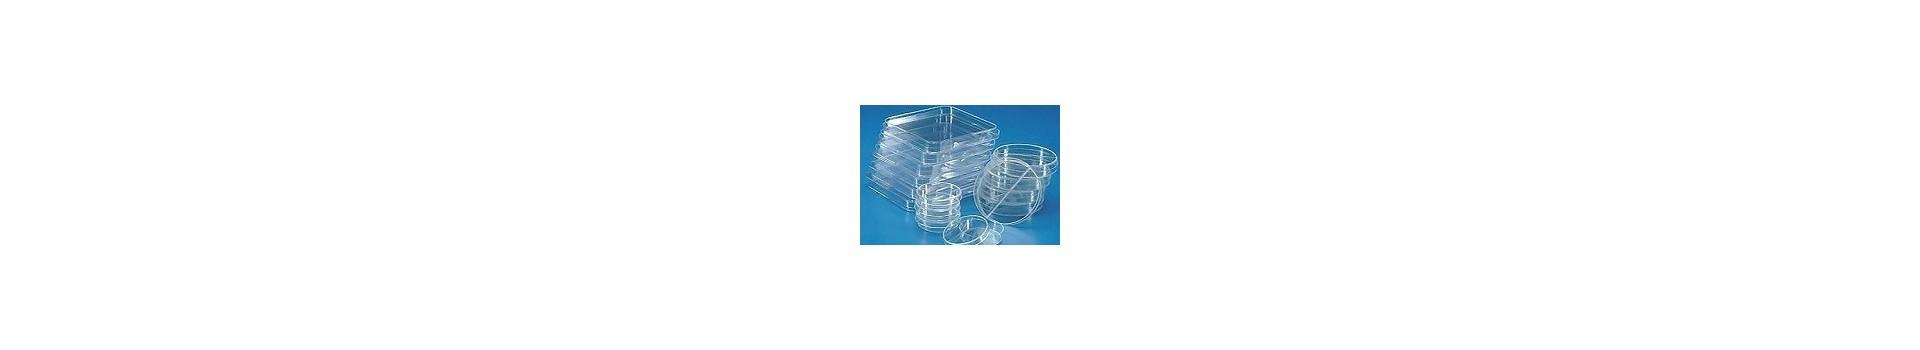 Τριβλία Petri Πλαστικά